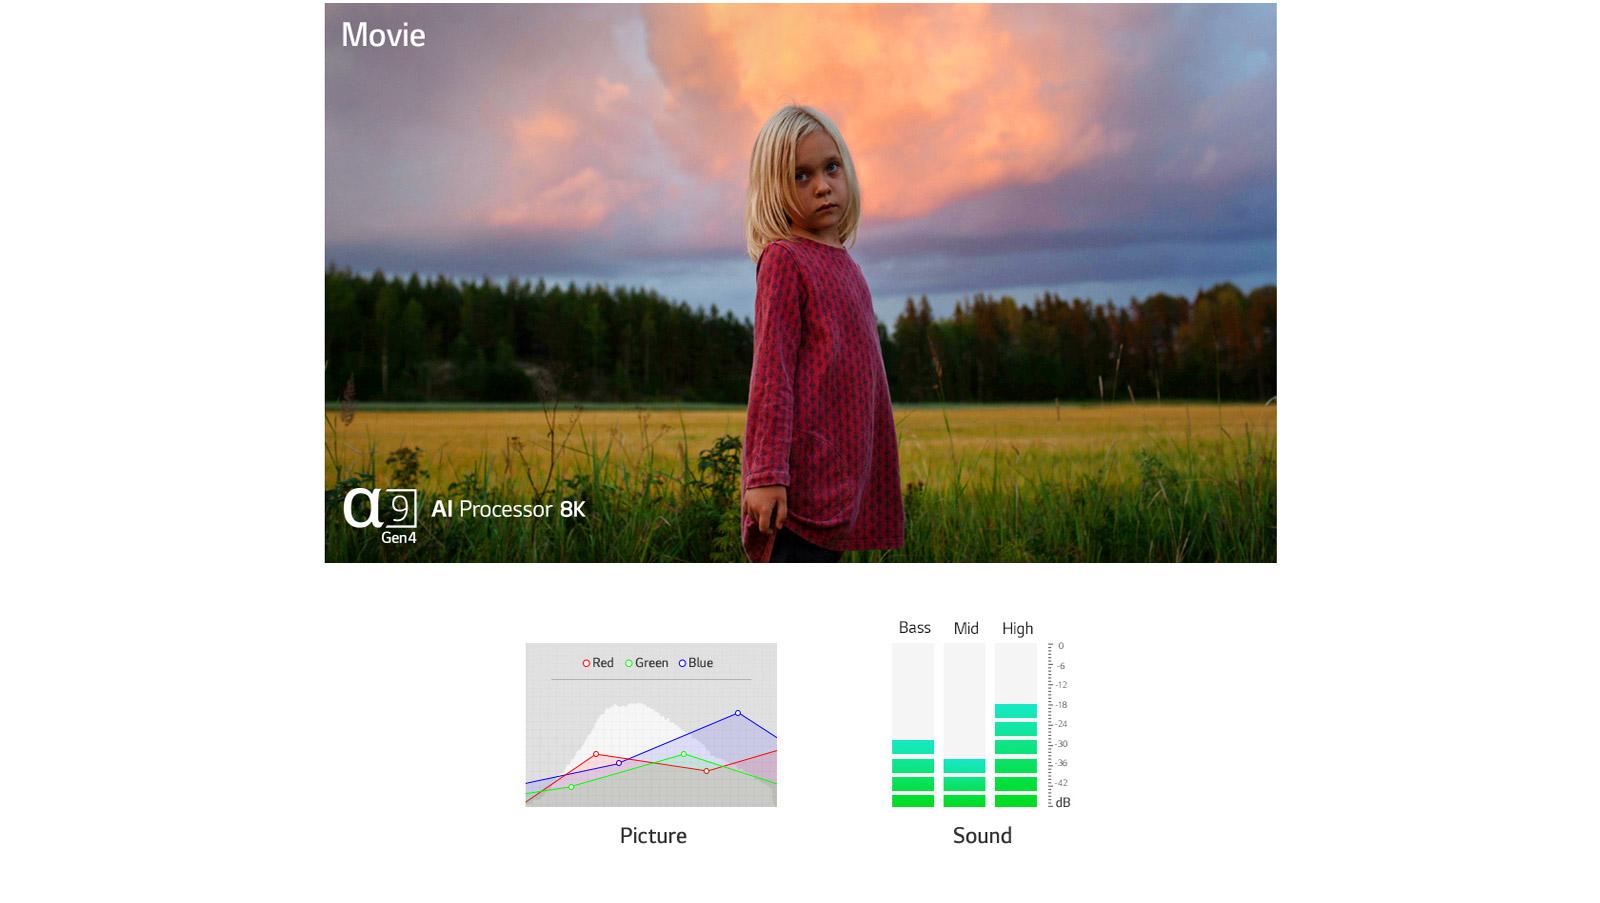 Dwie sceny automatycznie optymalizowane pod względem dźwięku i obrazu przez procesor a9 Gen4 AI (odtwórz film)